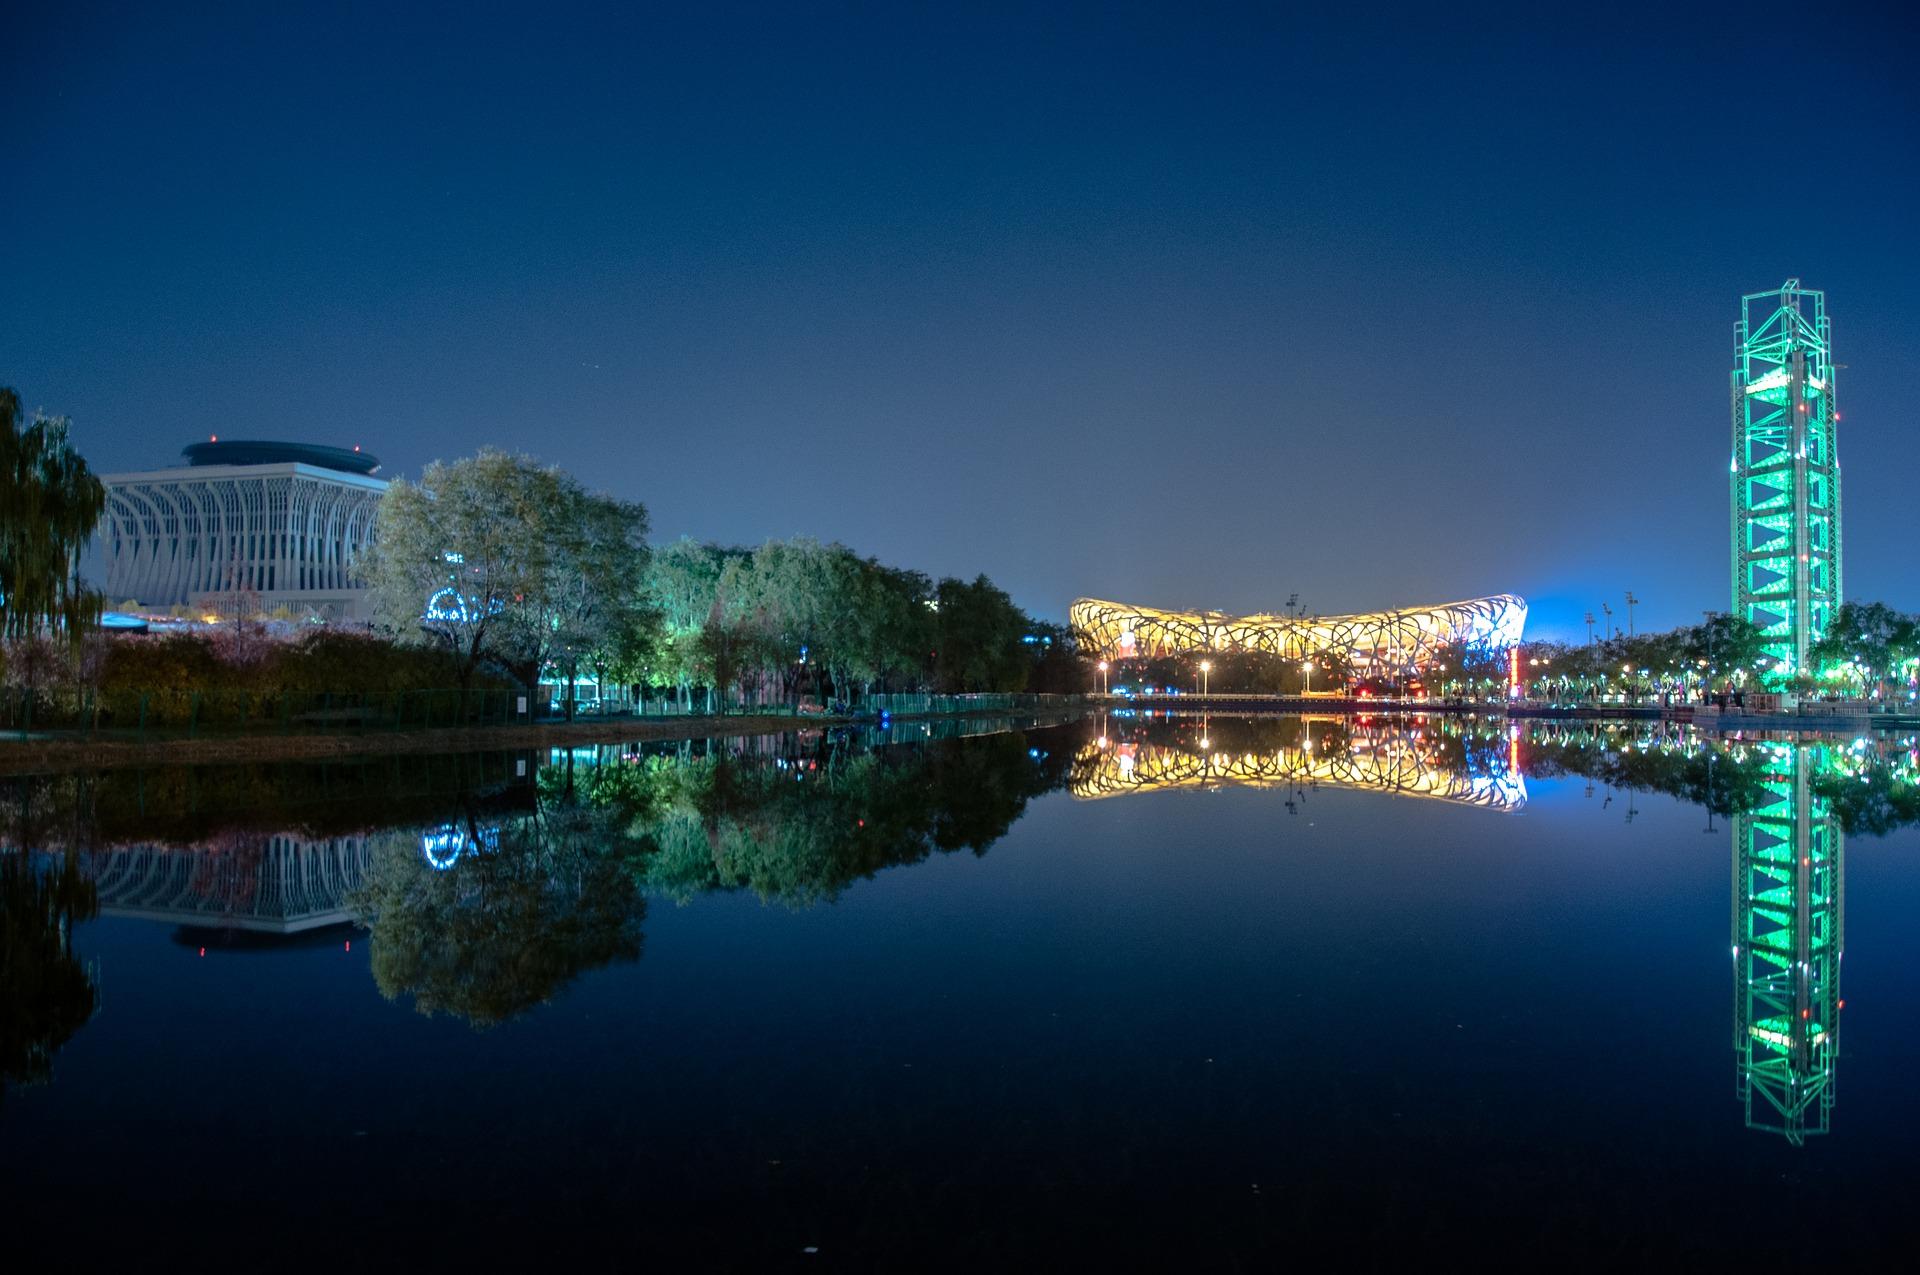 Beijing, China at night with the Bird's Nest Stadium